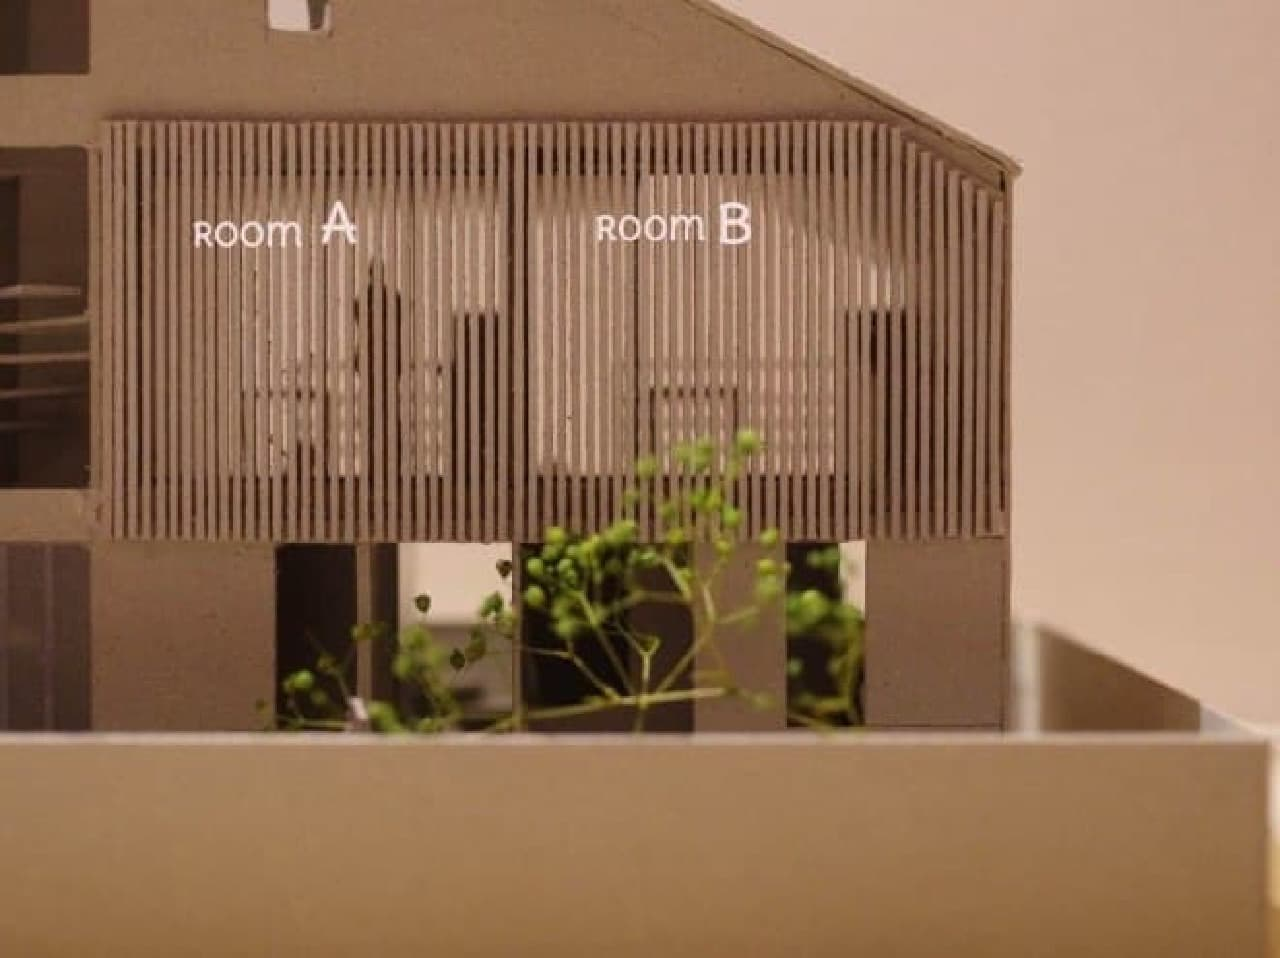 ネコ歓迎の賃貸住宅「お部屋A・B」